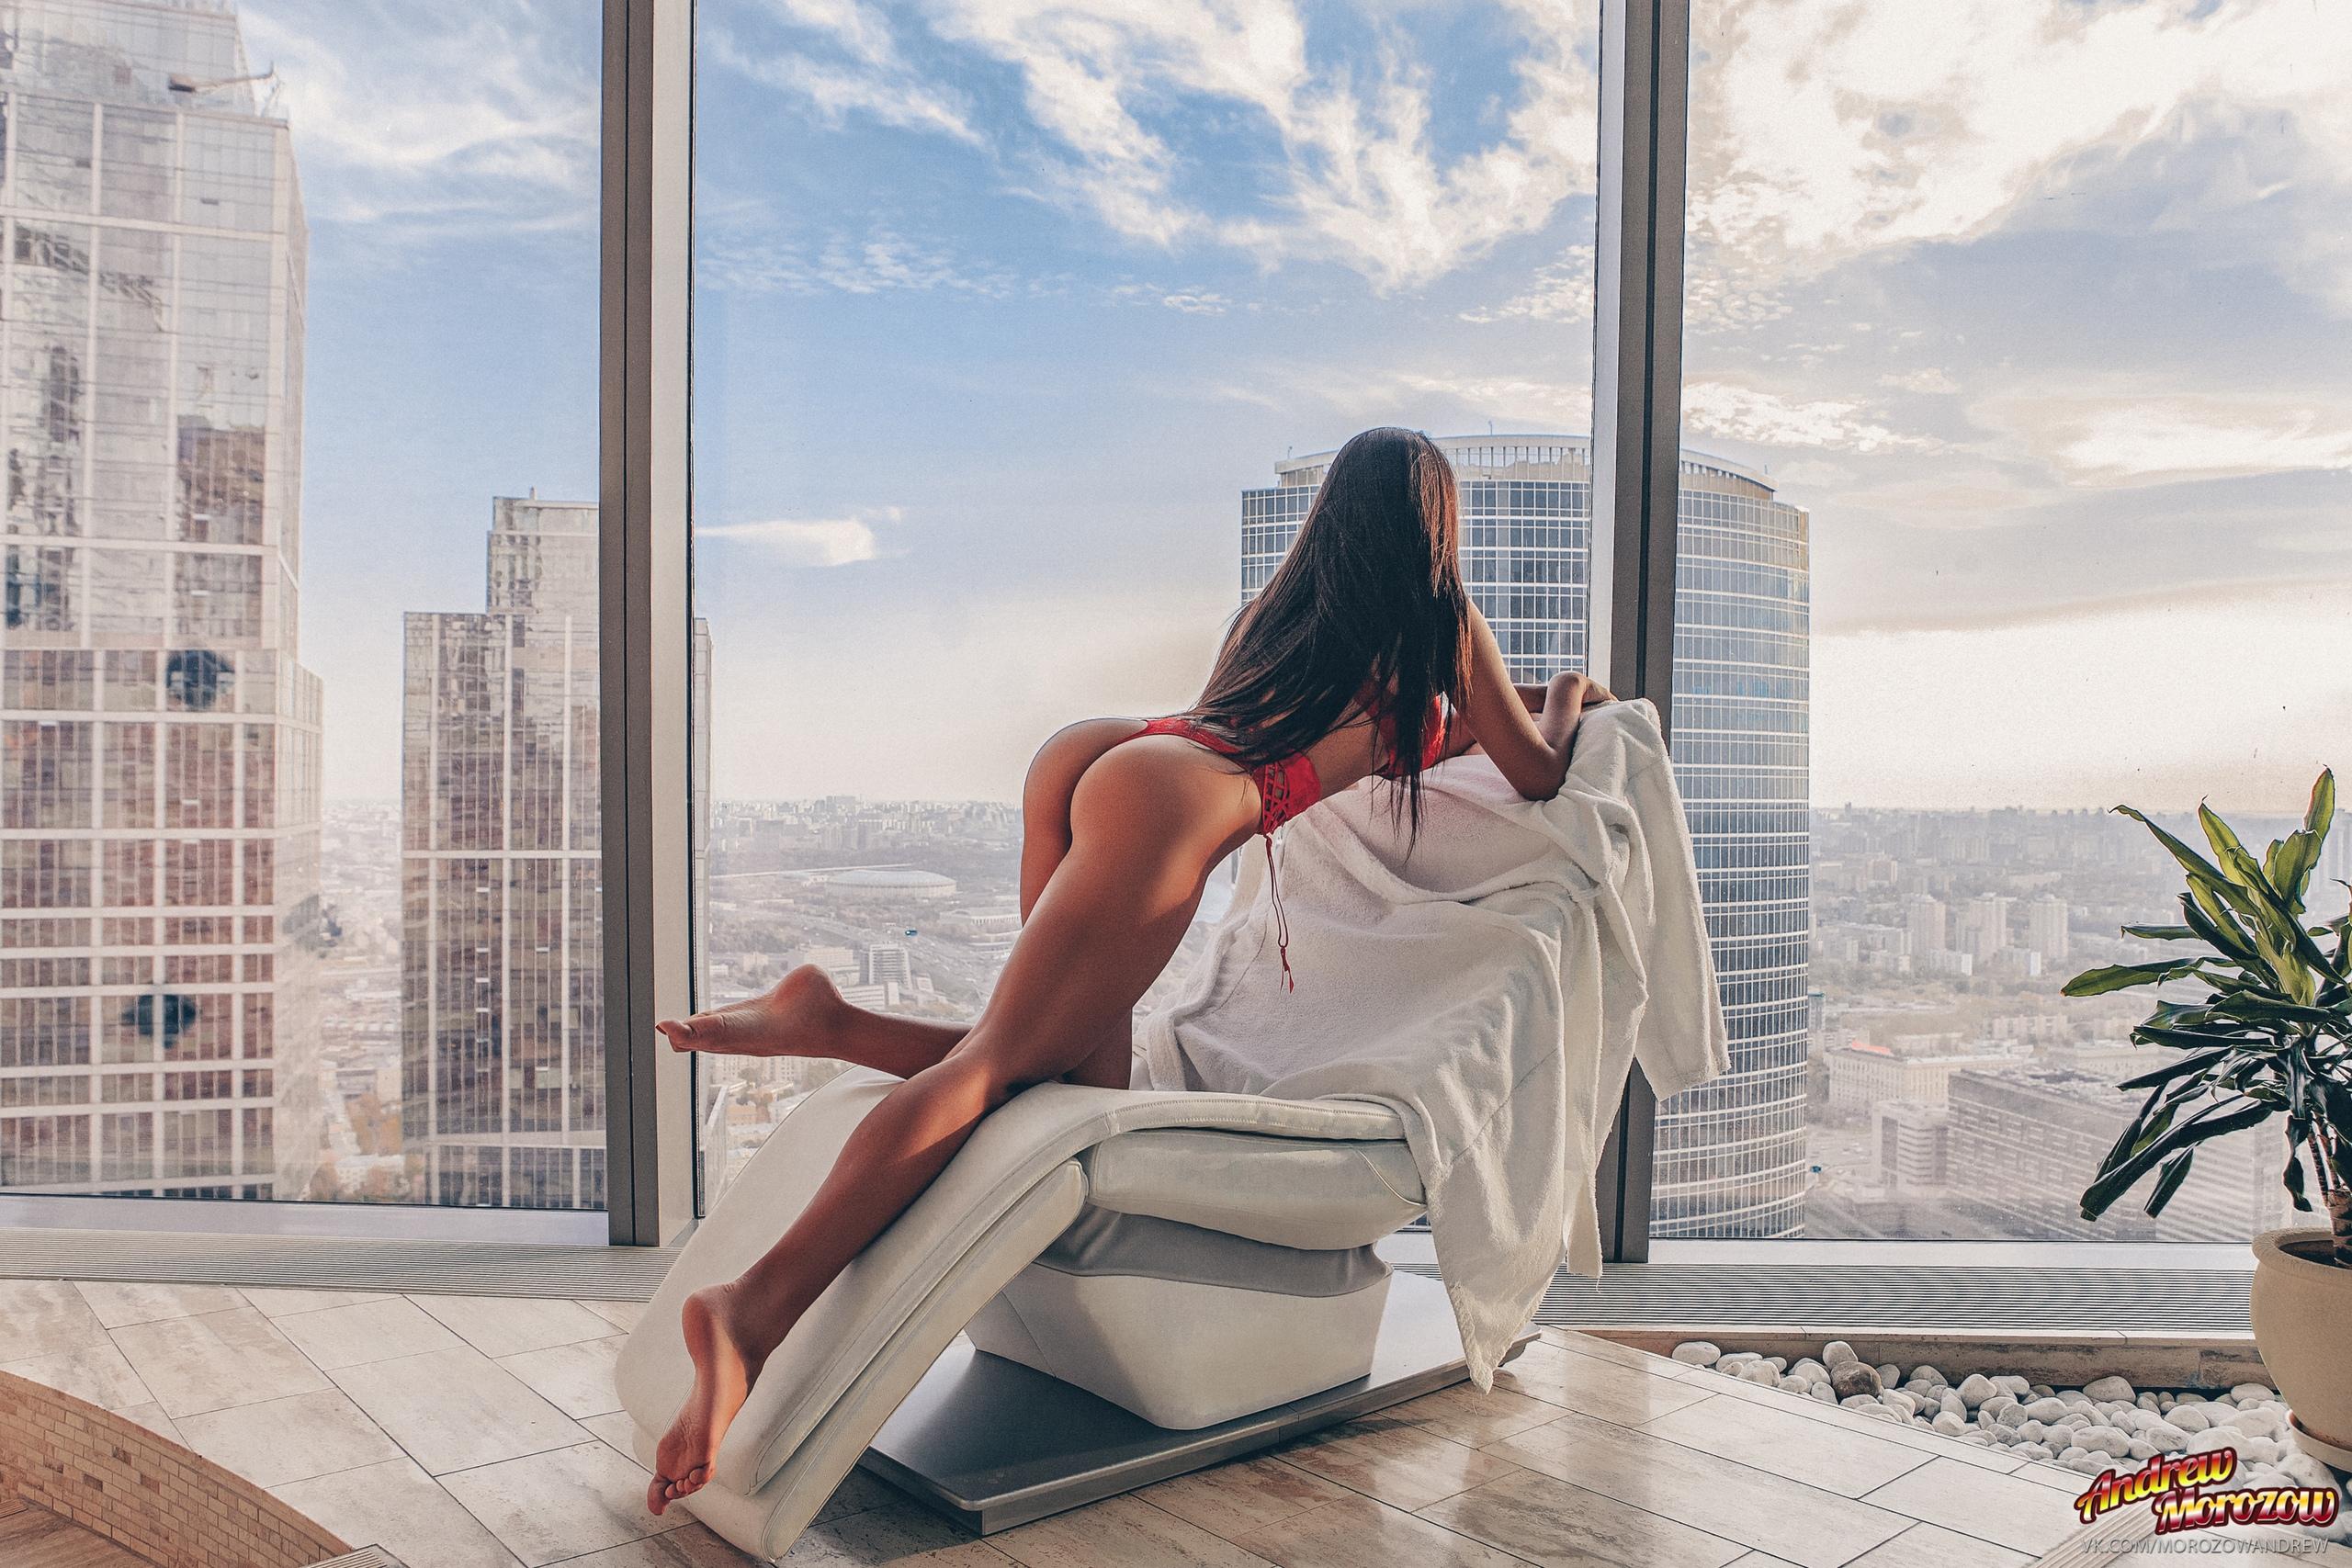 Wallpaper : women, long hair, brunette, barefoot, sitting